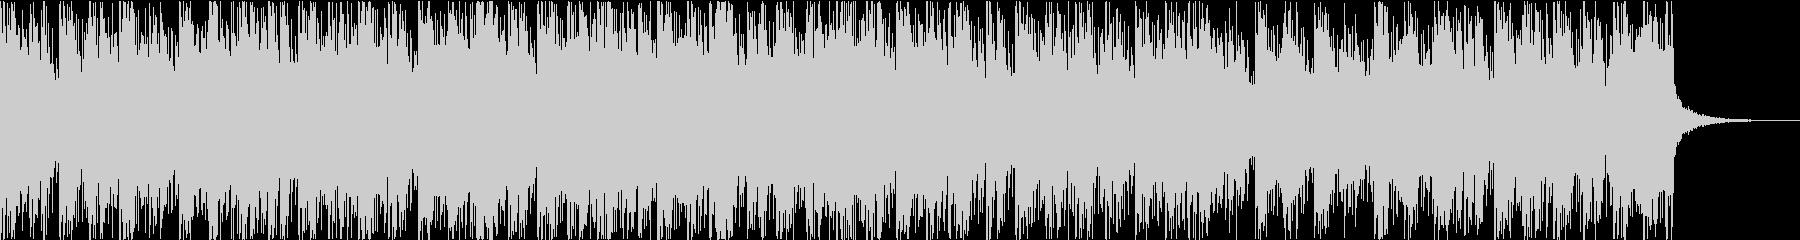 切ないサウンドのギターインストの未再生の波形